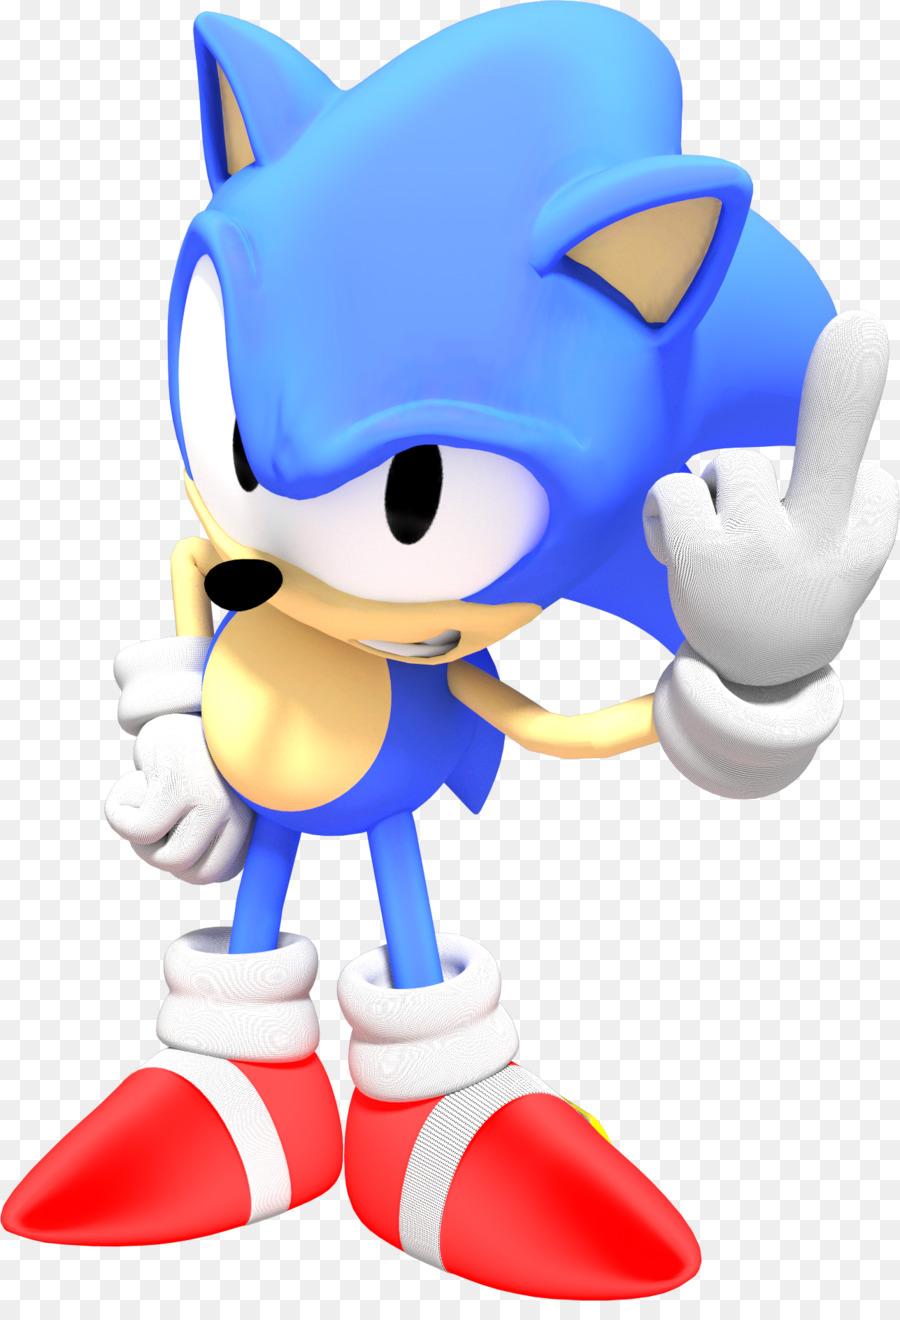 Скачать бесплатно игру ежик сонник sonic and knuckles, эмулятор.